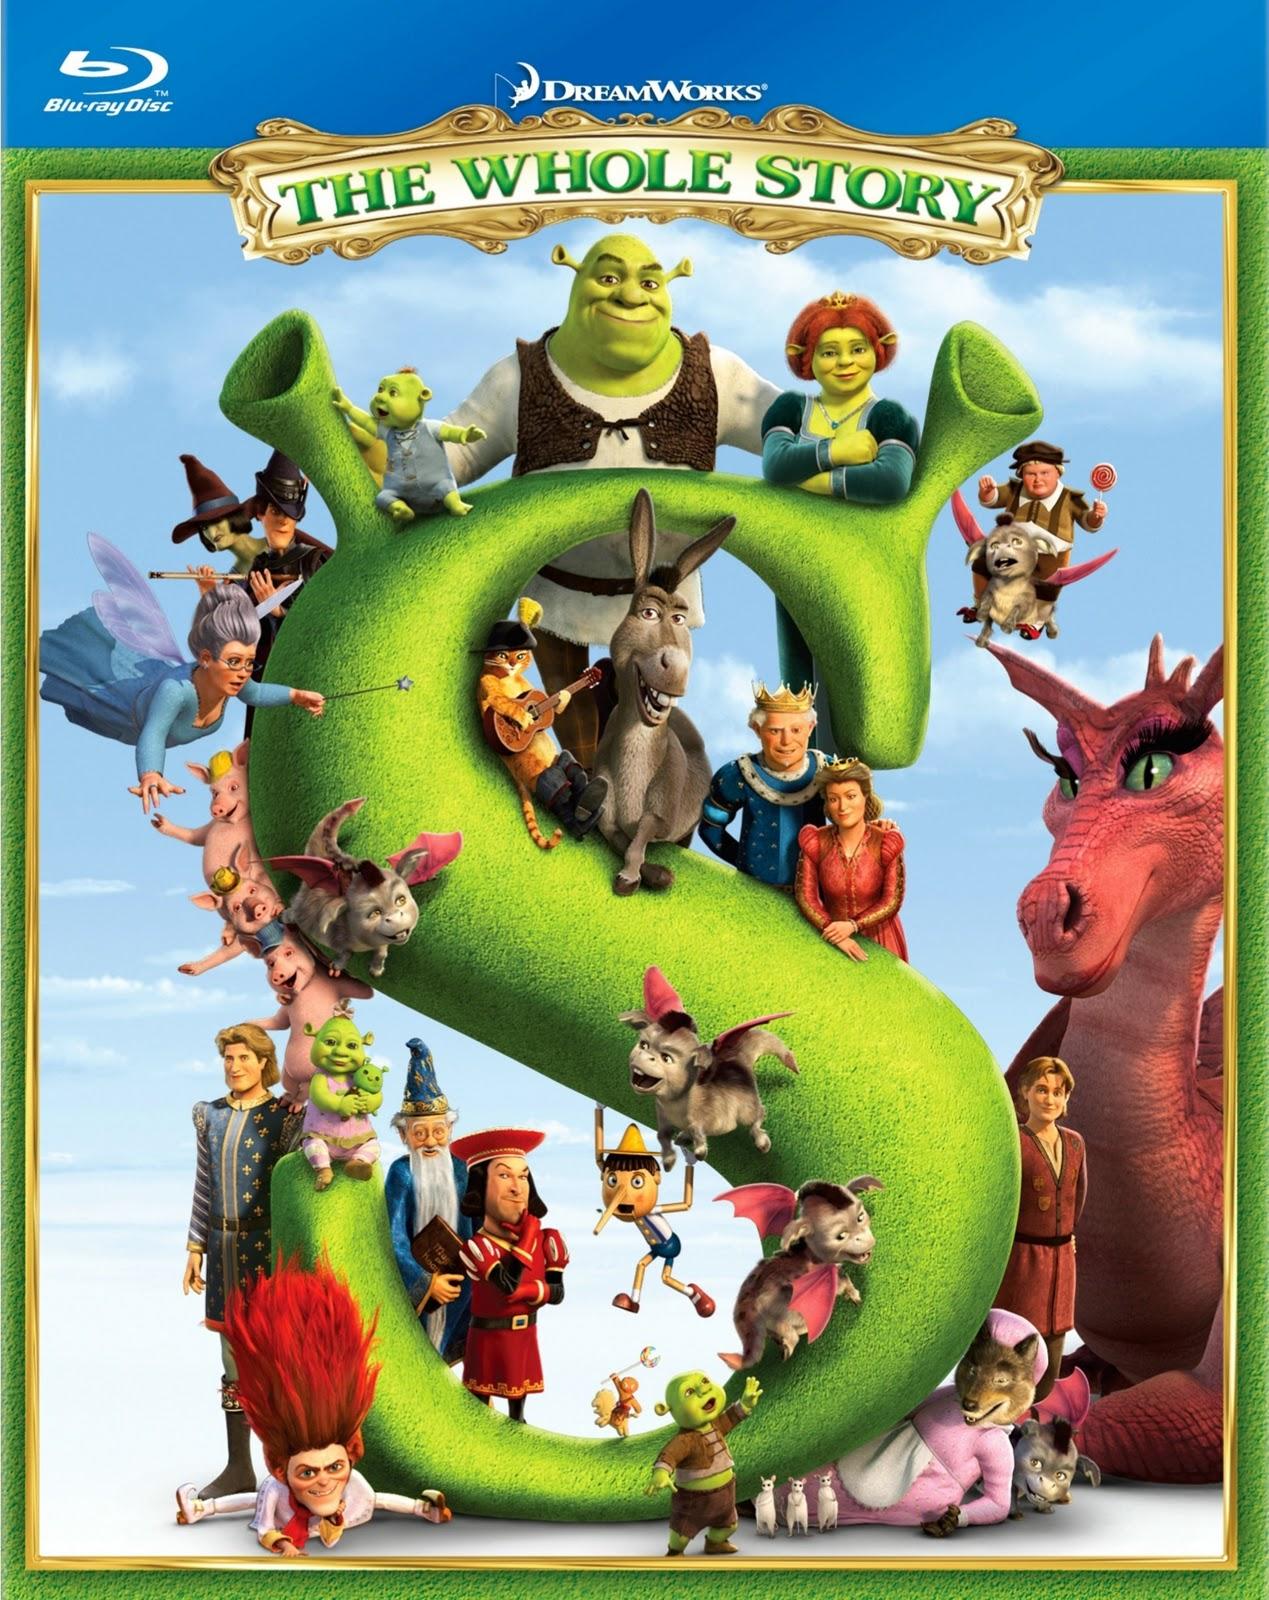 http://4.bp.blogspot.com/_x8O6_8SQZvI/TQEbm7qRD7I/AAAAAAAABG4/-LsVrYfj3L0/s1600/Shrek.jpg